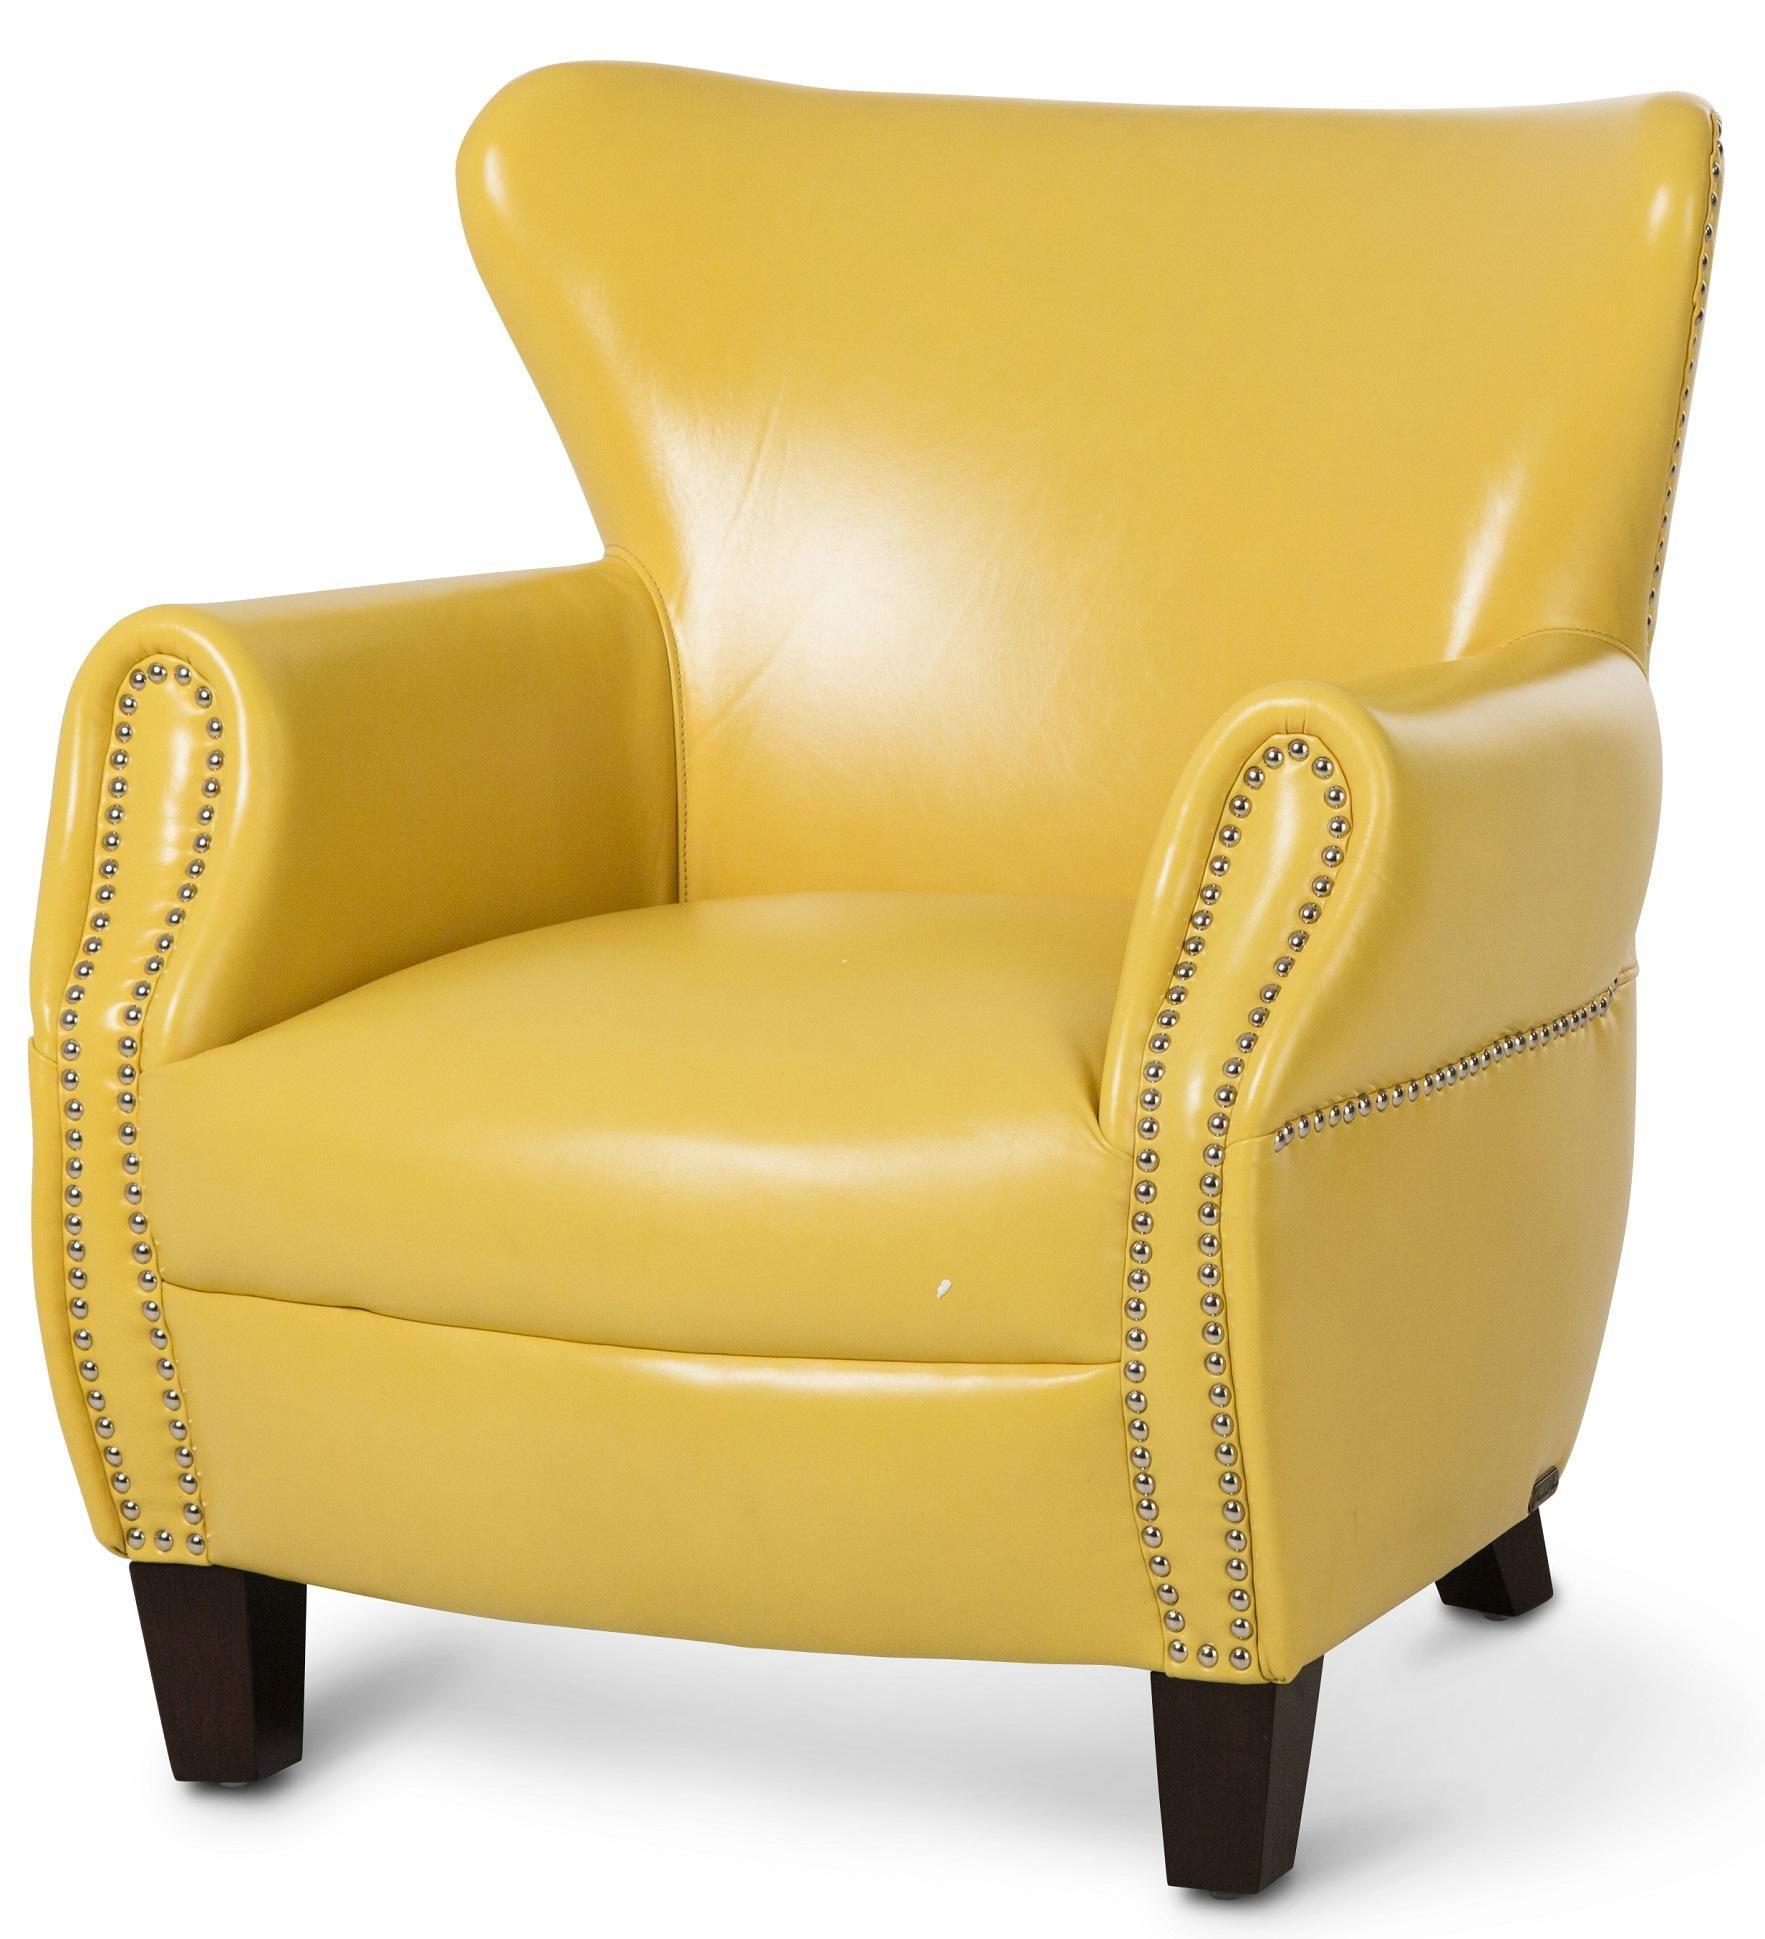 Stuhle Gelb Gepolstert Sessel Rot Sessel Grau Wingback Stuhl